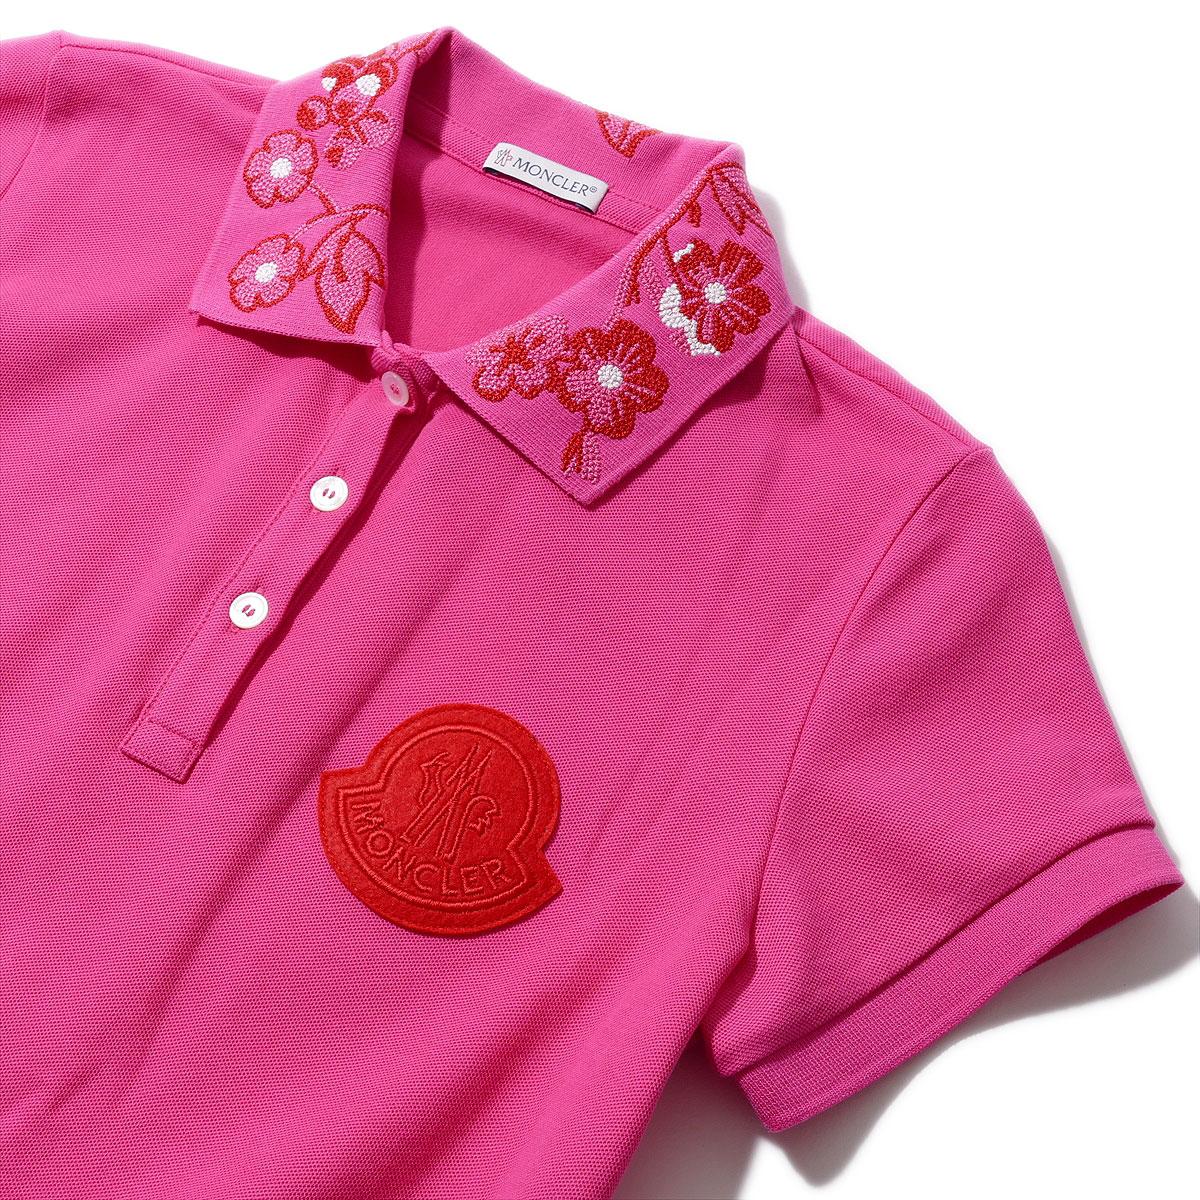 モンクレール 鹿の子 刺繍襟 ポロシャツ 8386050 522ピンク レディース MONCLER